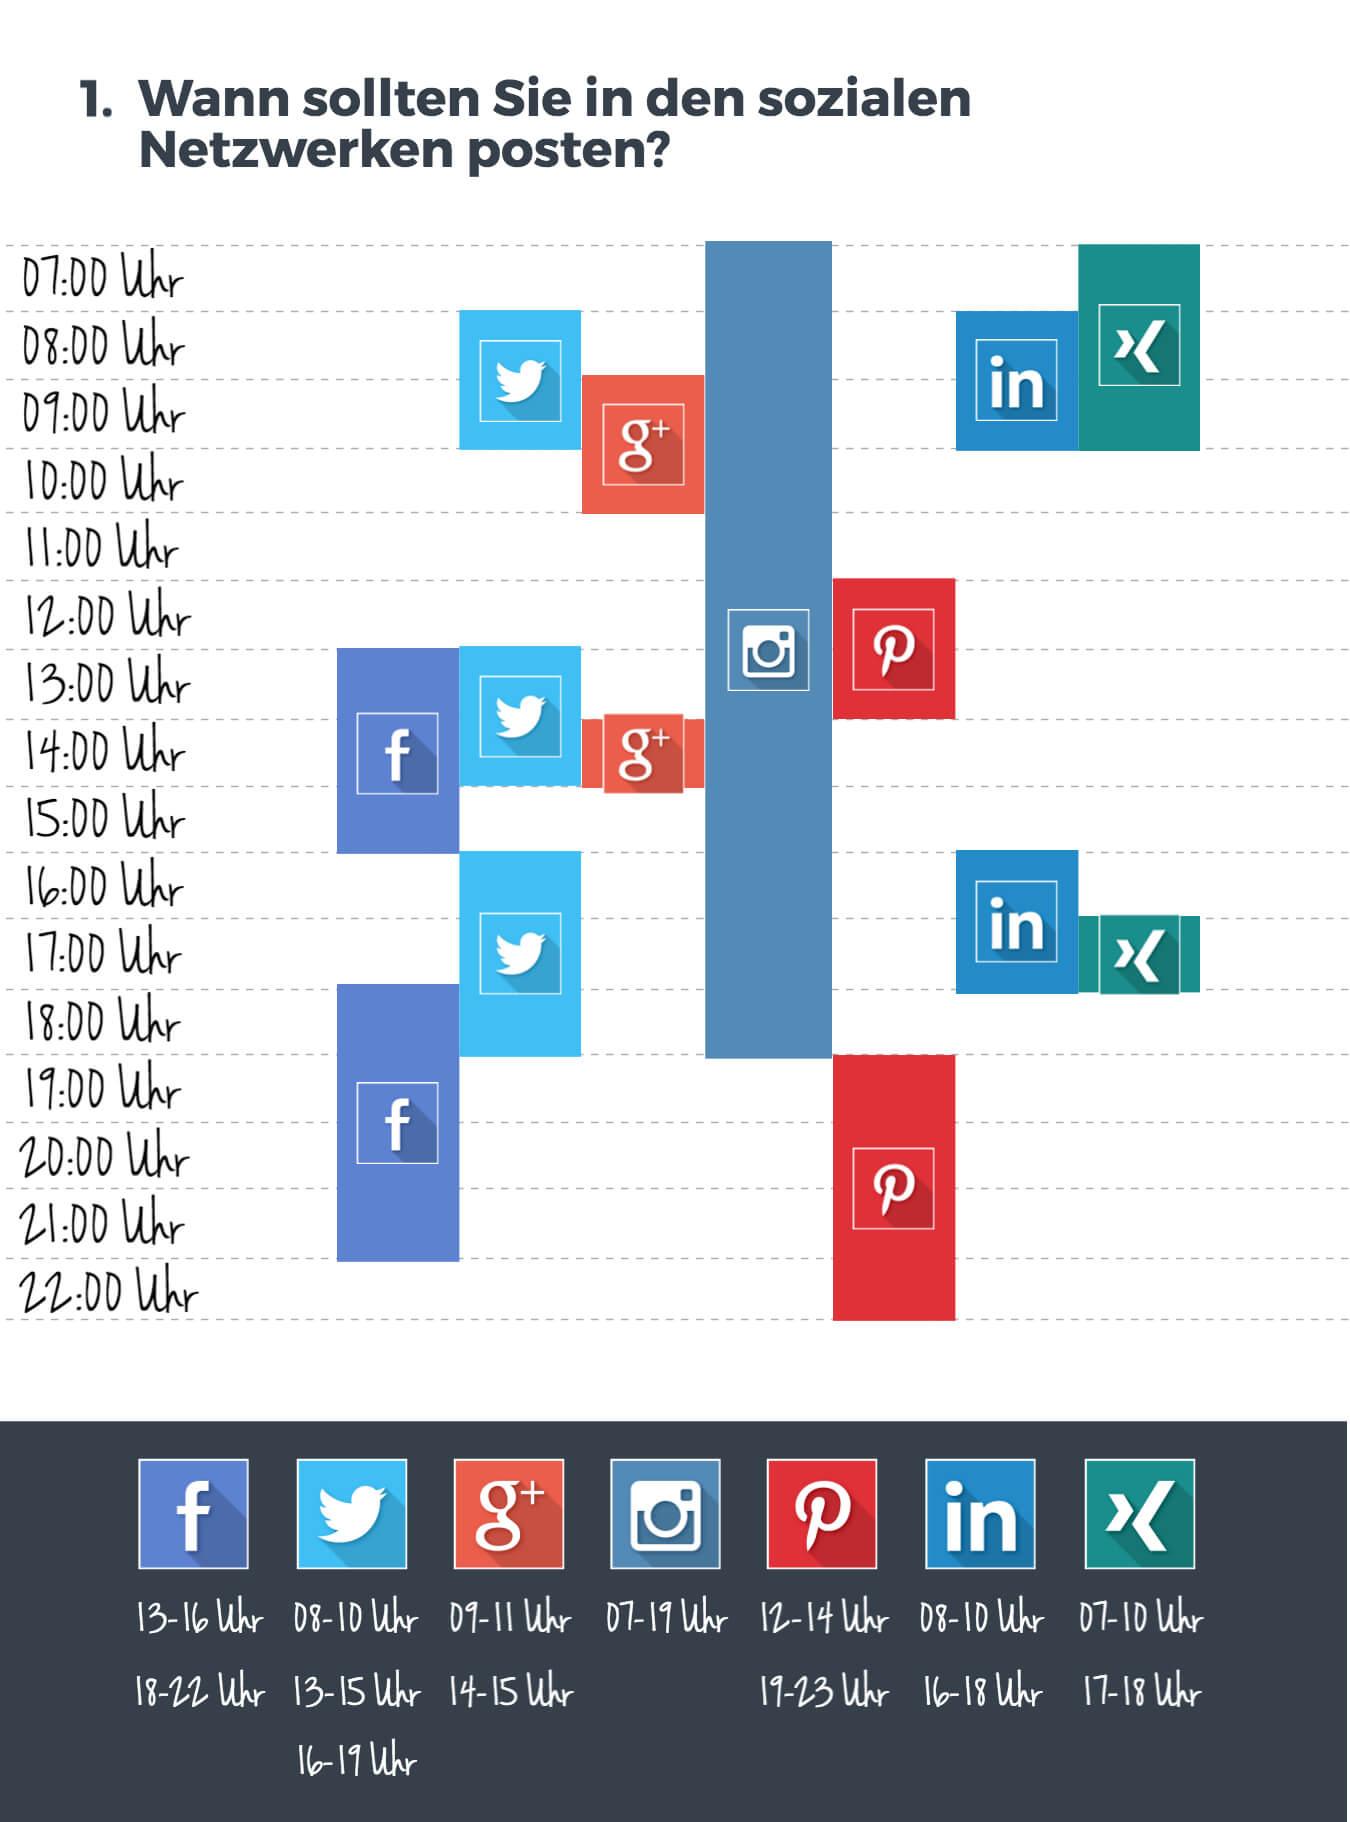 Wichtige Uhrzeiten für Social-Media-Posts